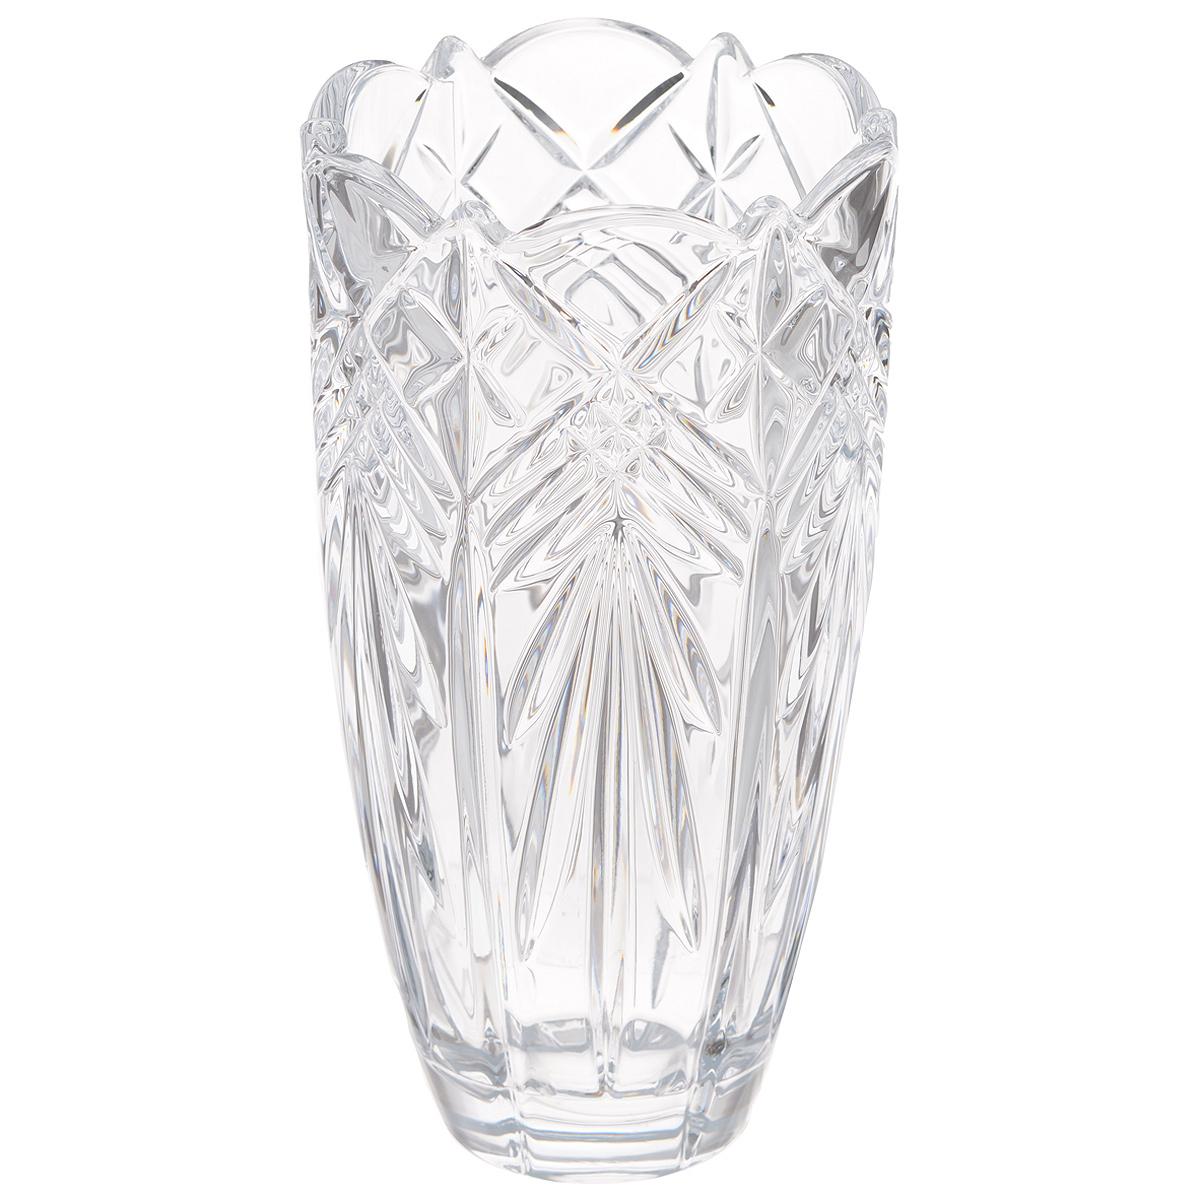 Ваза Crystalite Bohemia Таурус, высота 20 см ваза crystalite bohemia вулкано 30см кристалайт